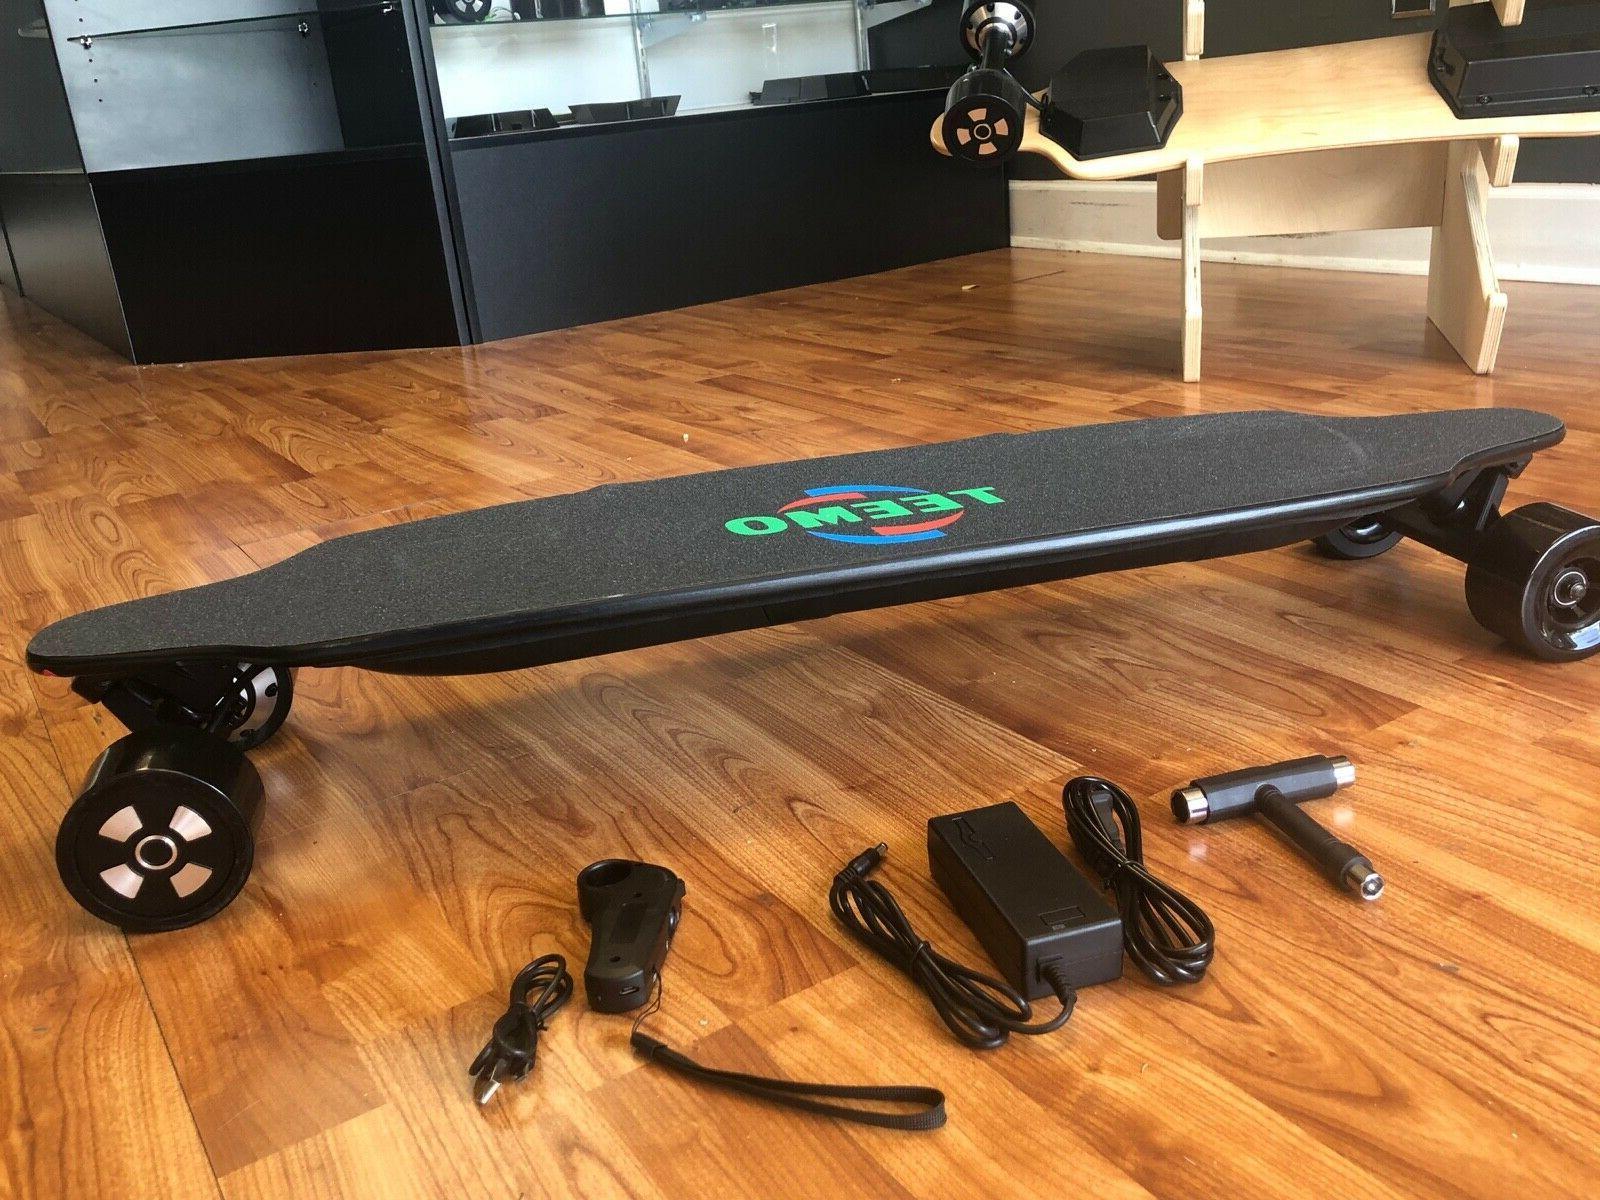 TEEMO Skateboard Longboard 23MPH range miles